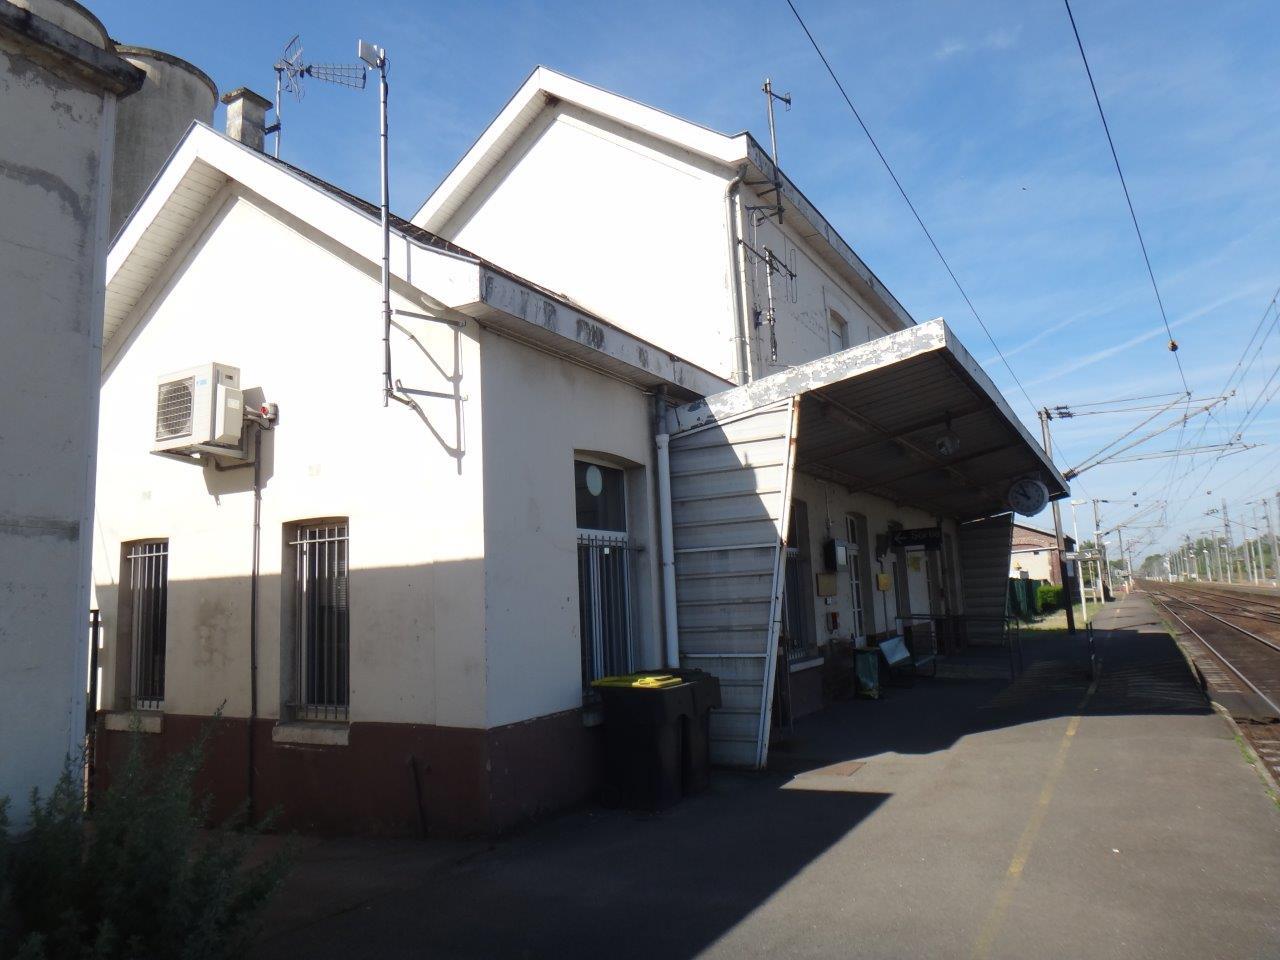 gare-de-longueil-sainte-marie-train-station